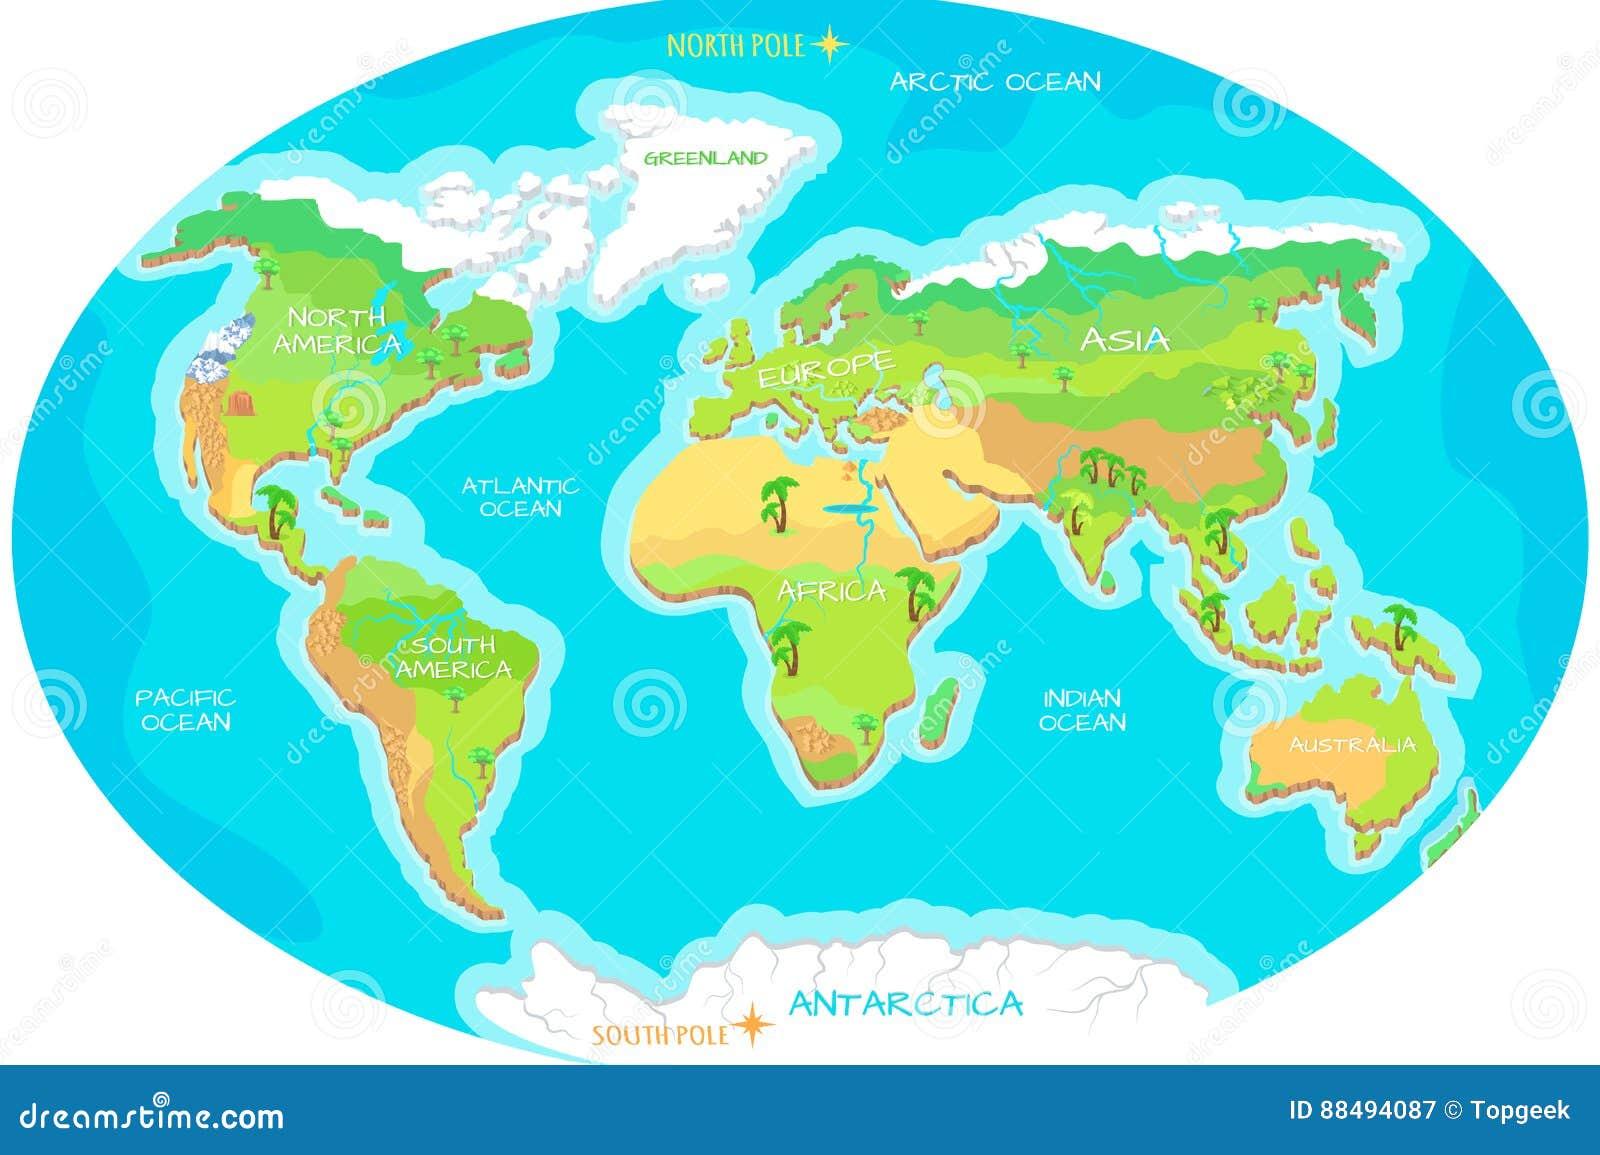 Cartina Del Mondo Con Continenti.Continenti Oceani Sulla Mappa Del Mondo Il Nostro Pianeta